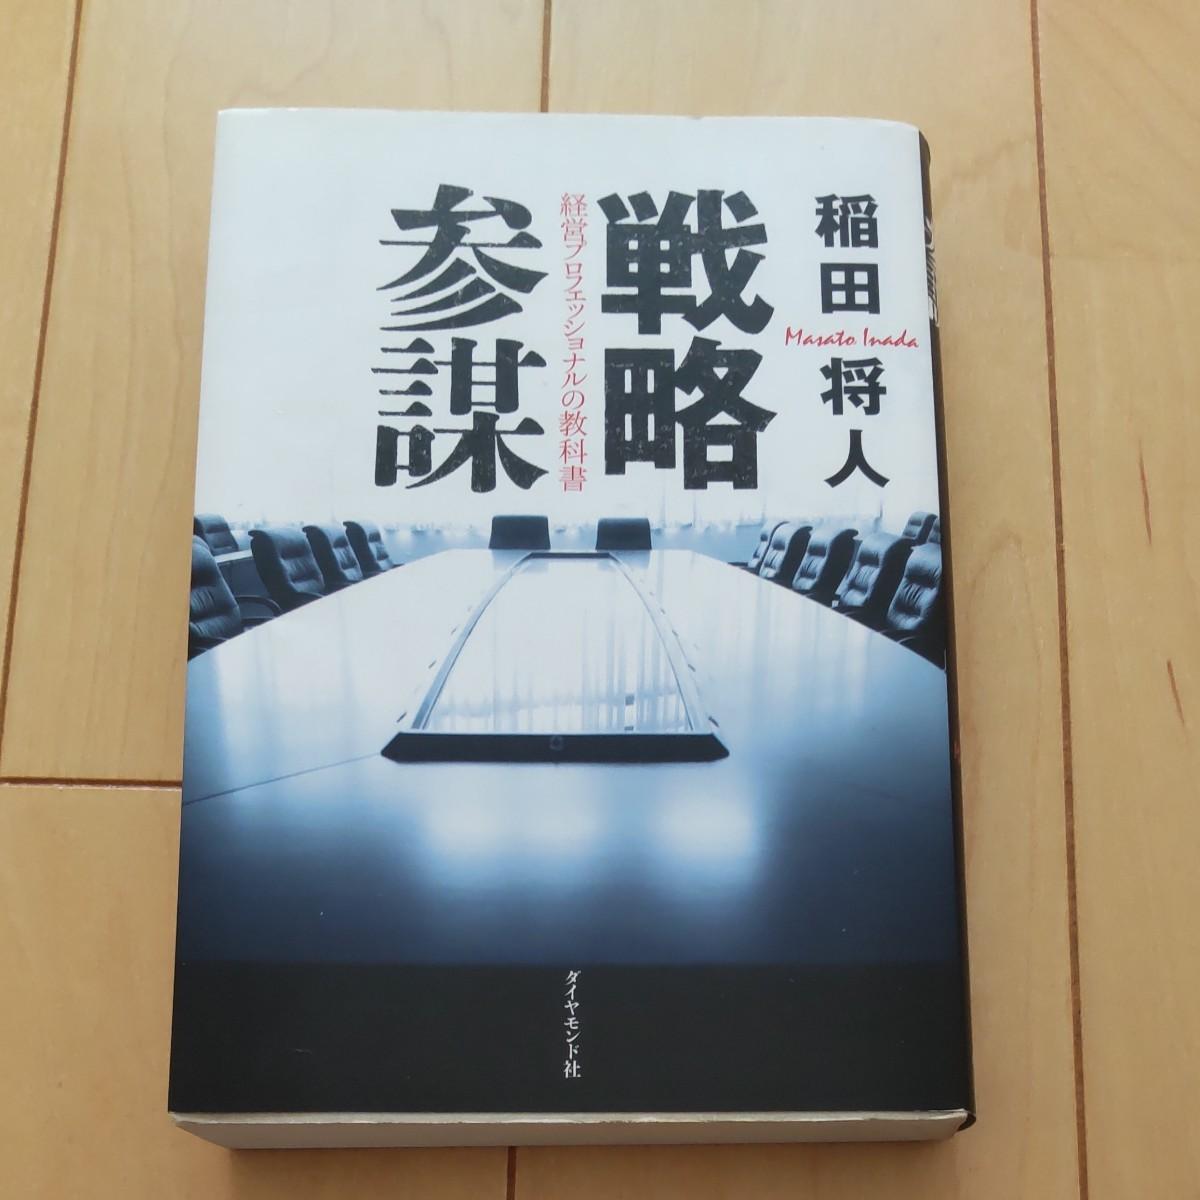 戦略参謀 稲田将人 経営プロフェッショナルの教科書